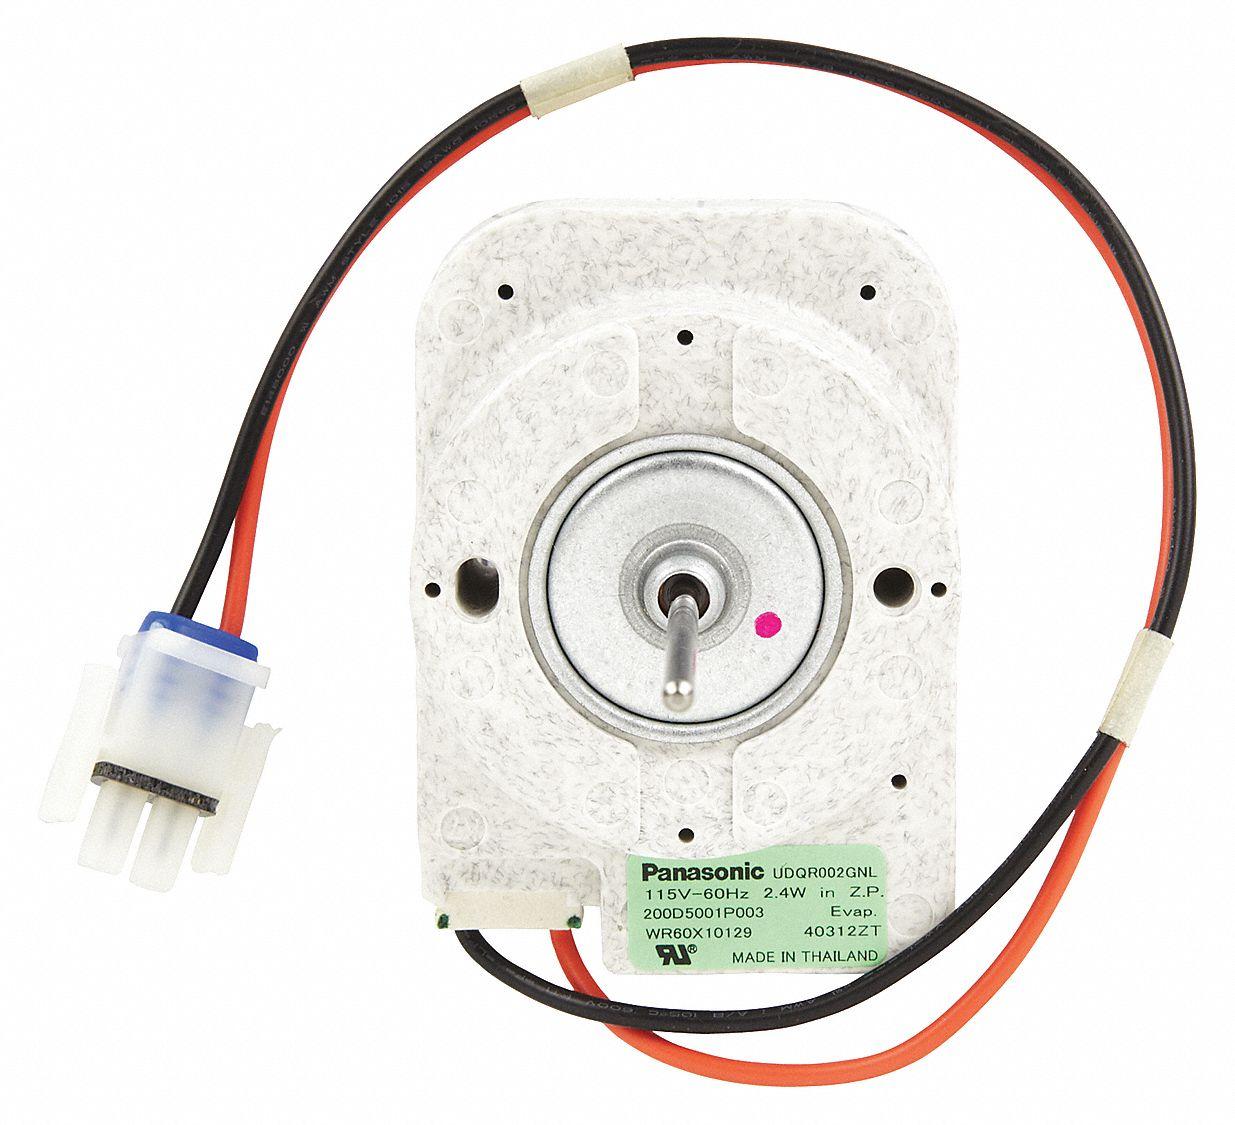 General electric fan motor 49x149 wr60x10257 grainger for Best lubricant for electric fan motor